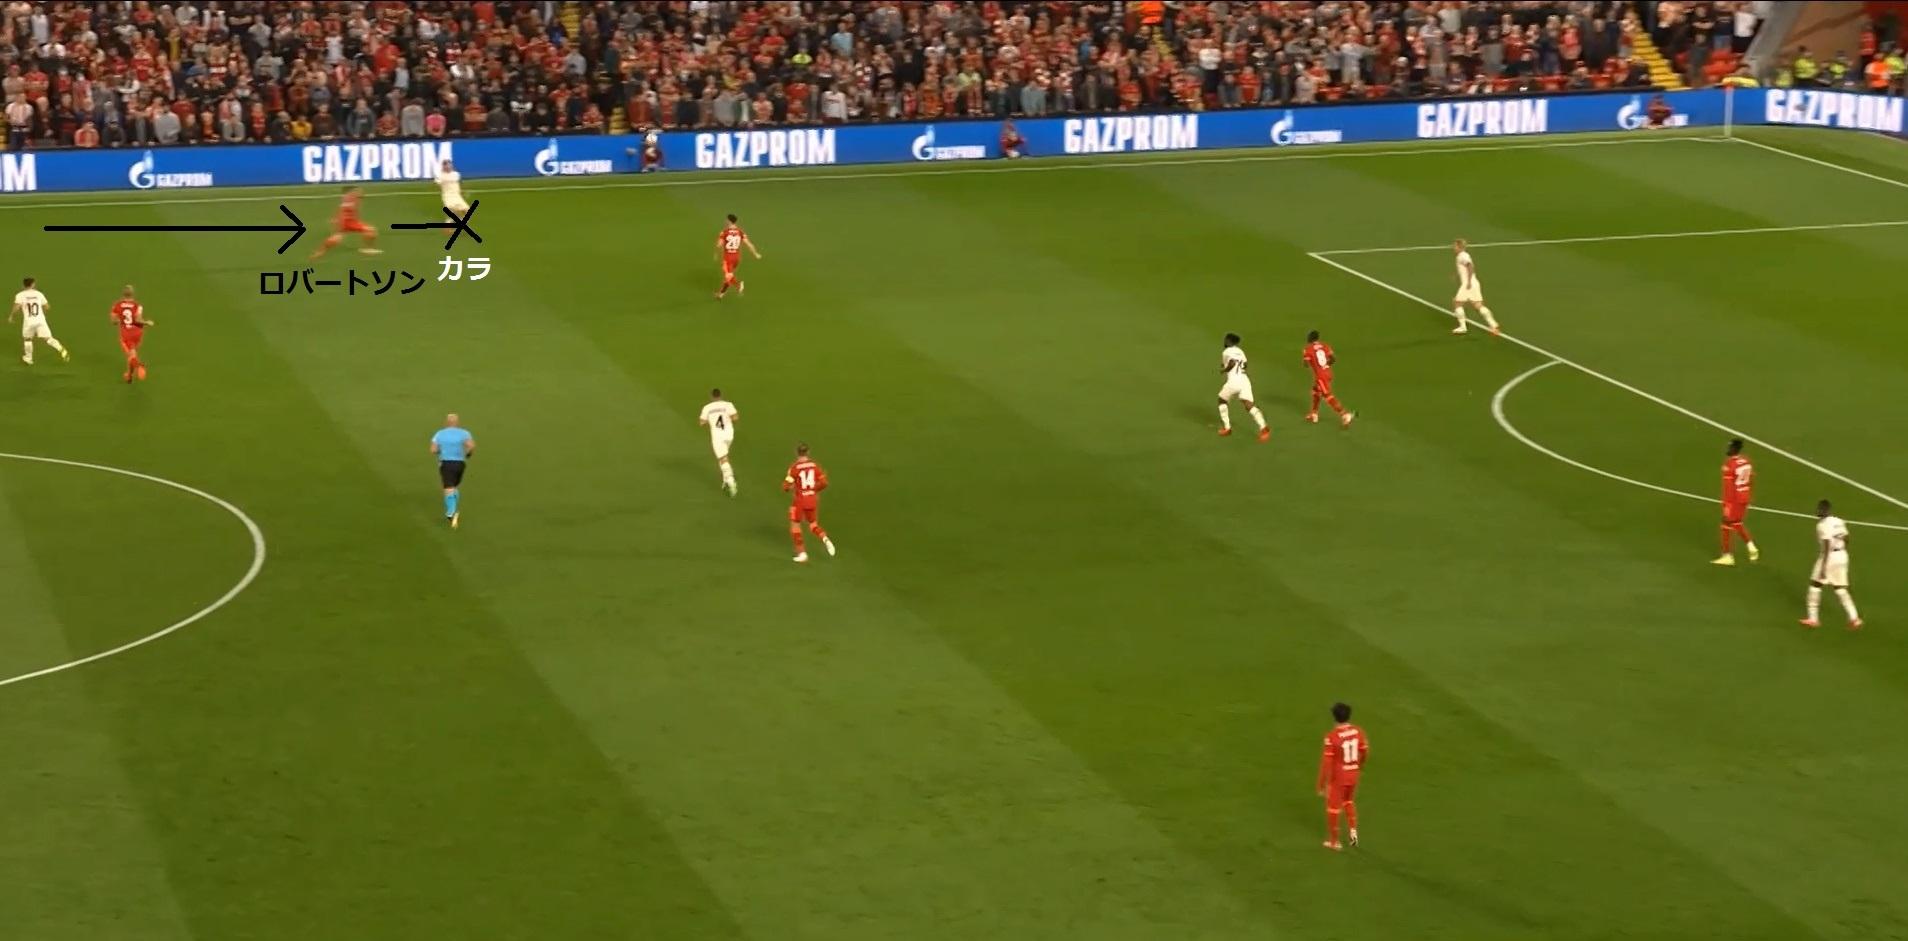 【21-22シーズン】リバプール対ミラン_戦術分析10